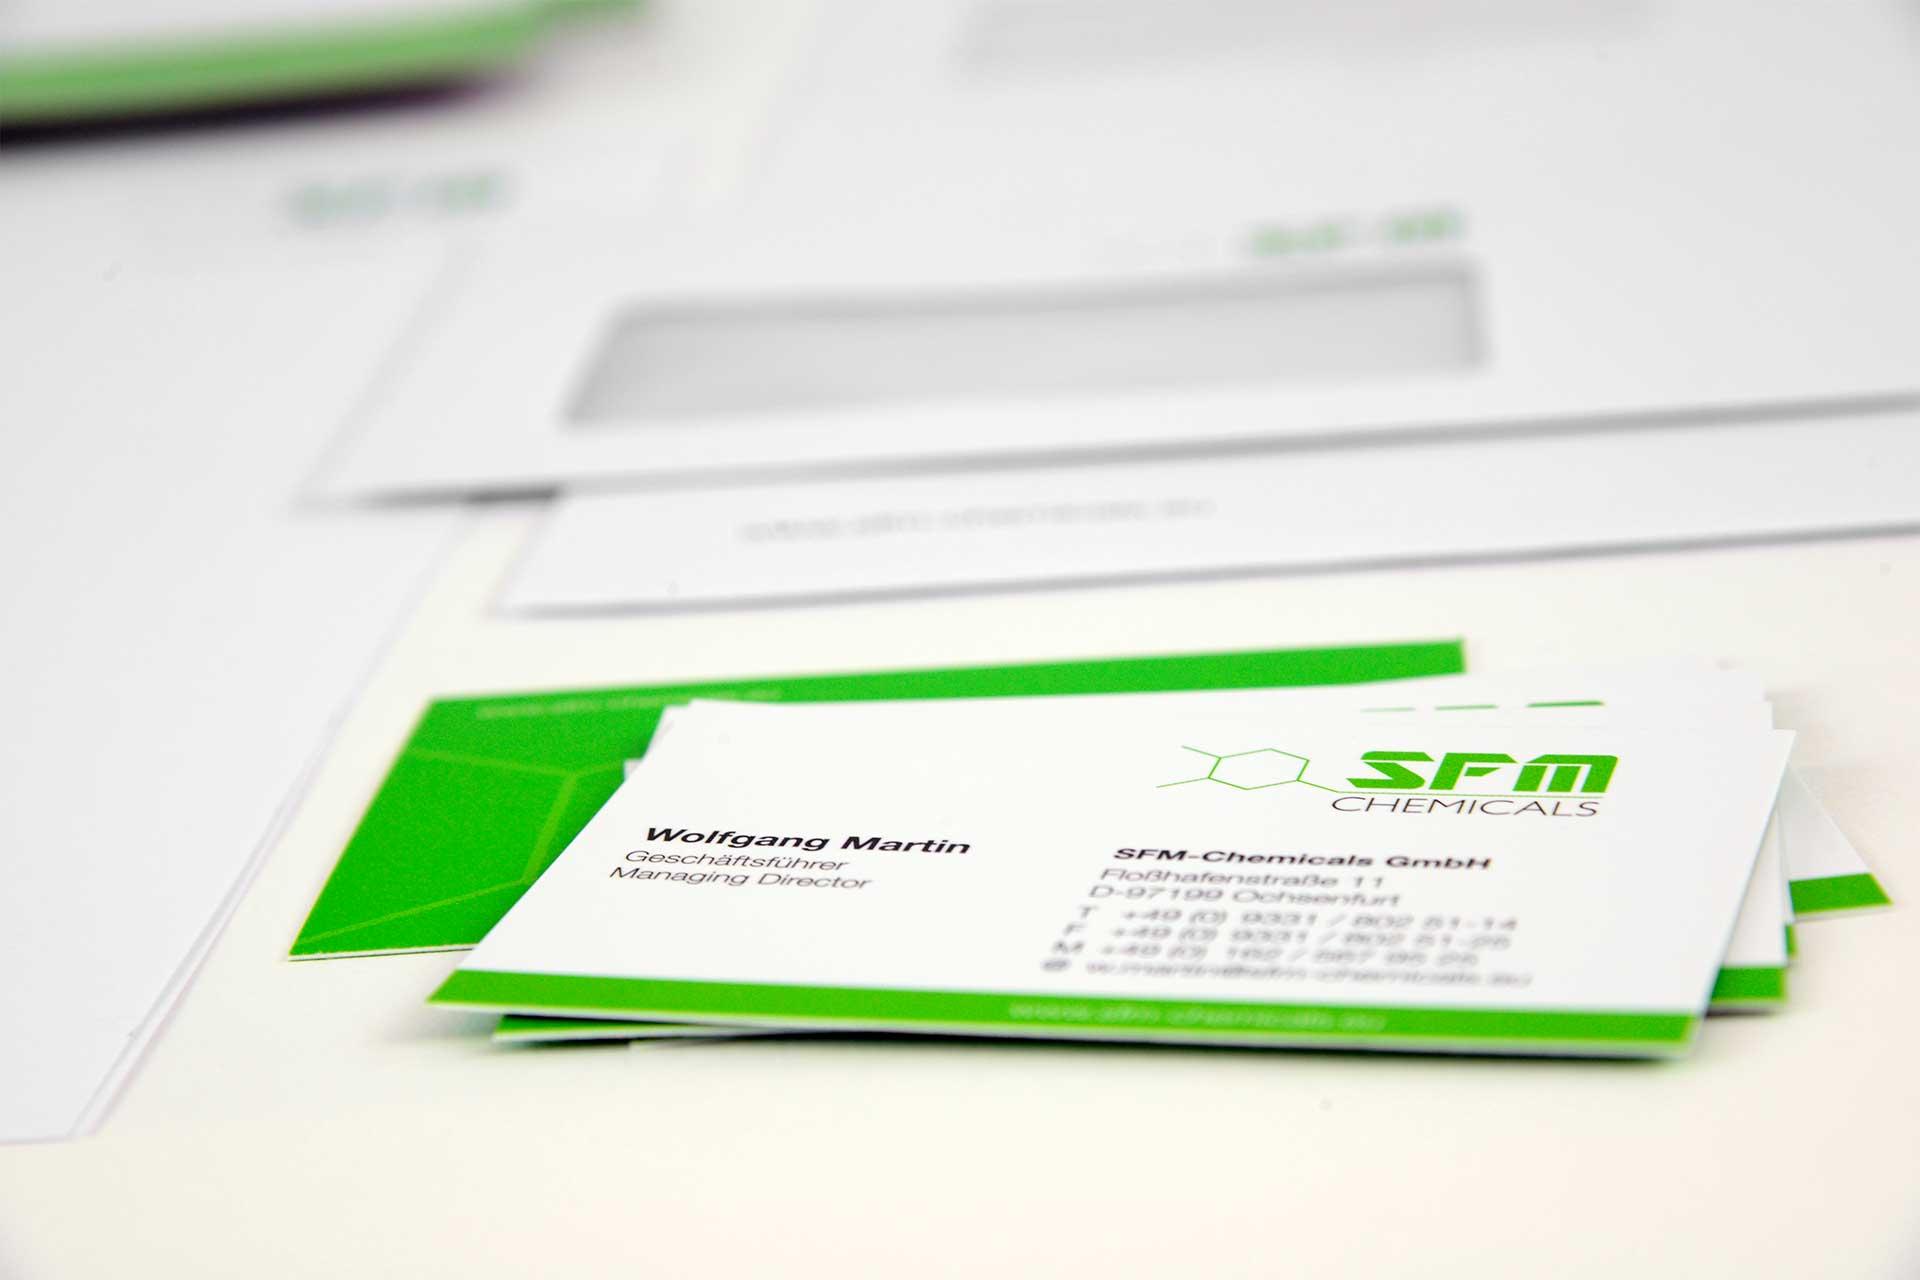 vorndran-Marketing-Randersacker-Wuerzburg-GeschaeftsdrucksacheSFM-Chemicals